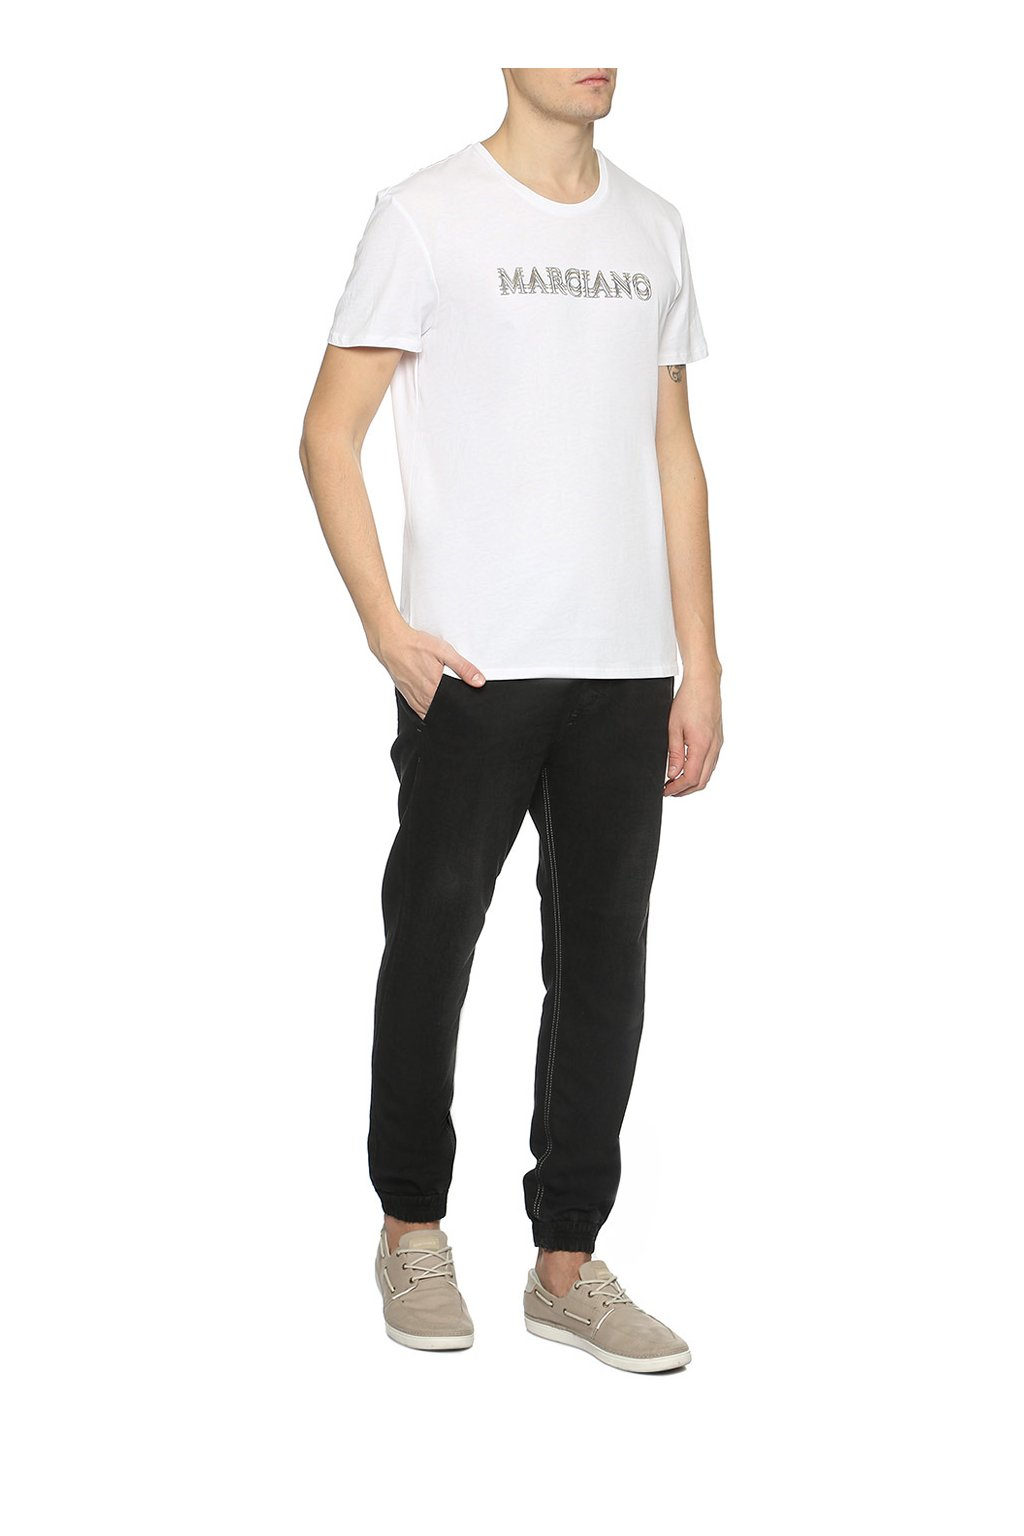 Tričko Marciano MA01-17-1836